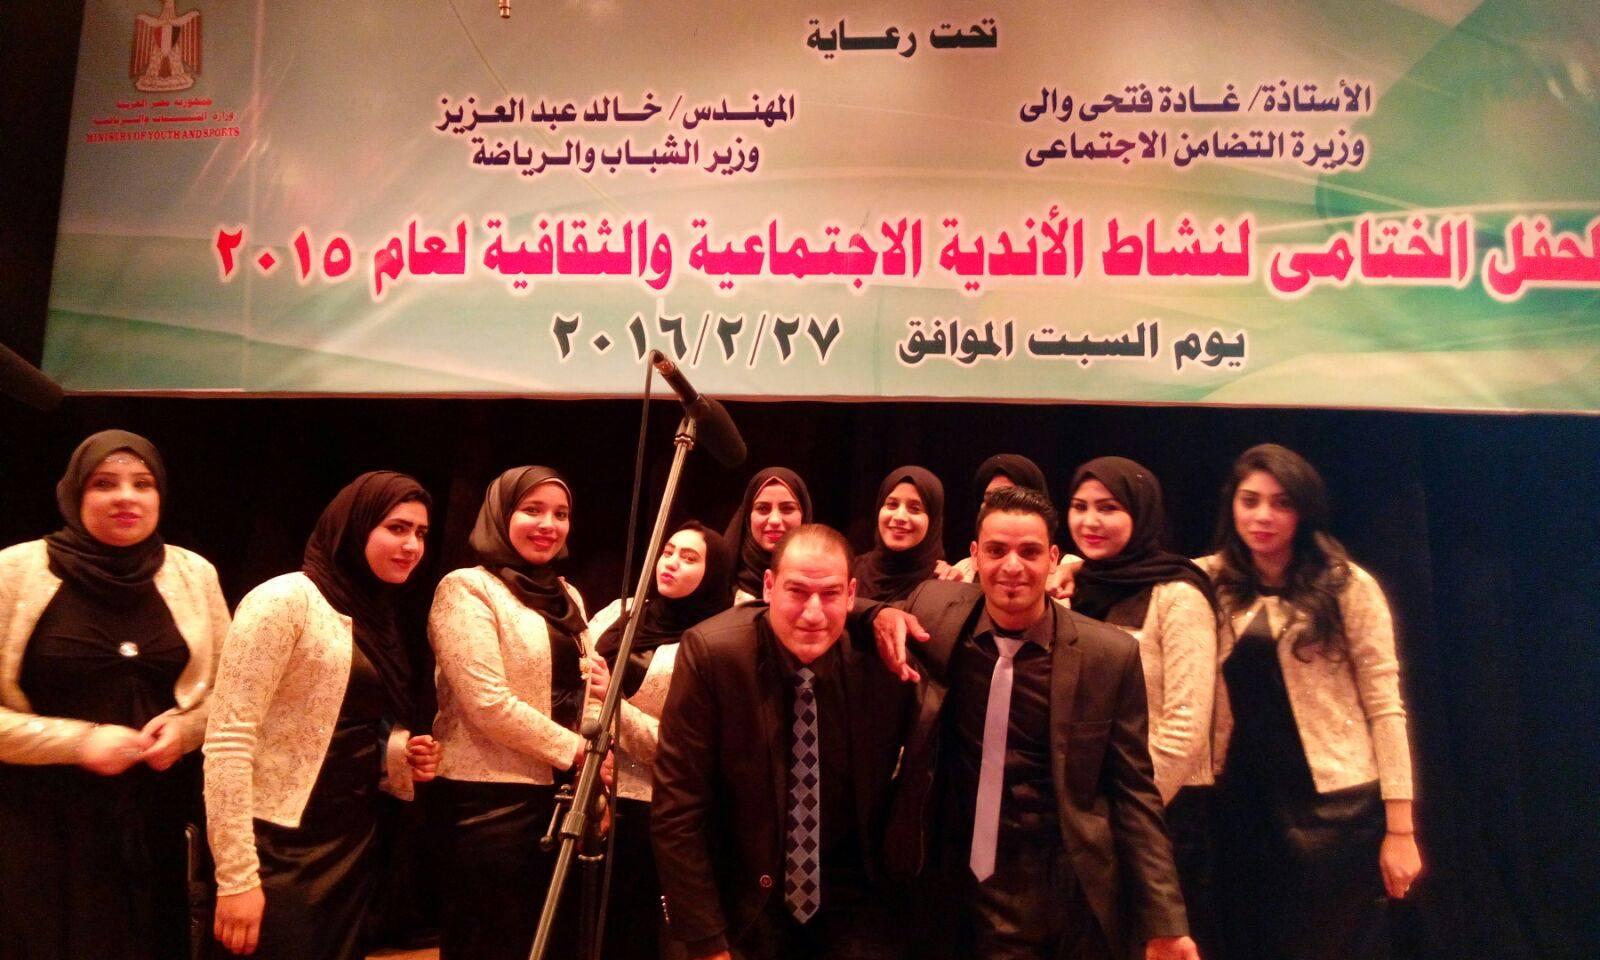 بالصور  : فوز فرقة الرواد للموسيقى العربية لسنة الرابعة على التوالى بالإسماعيلية